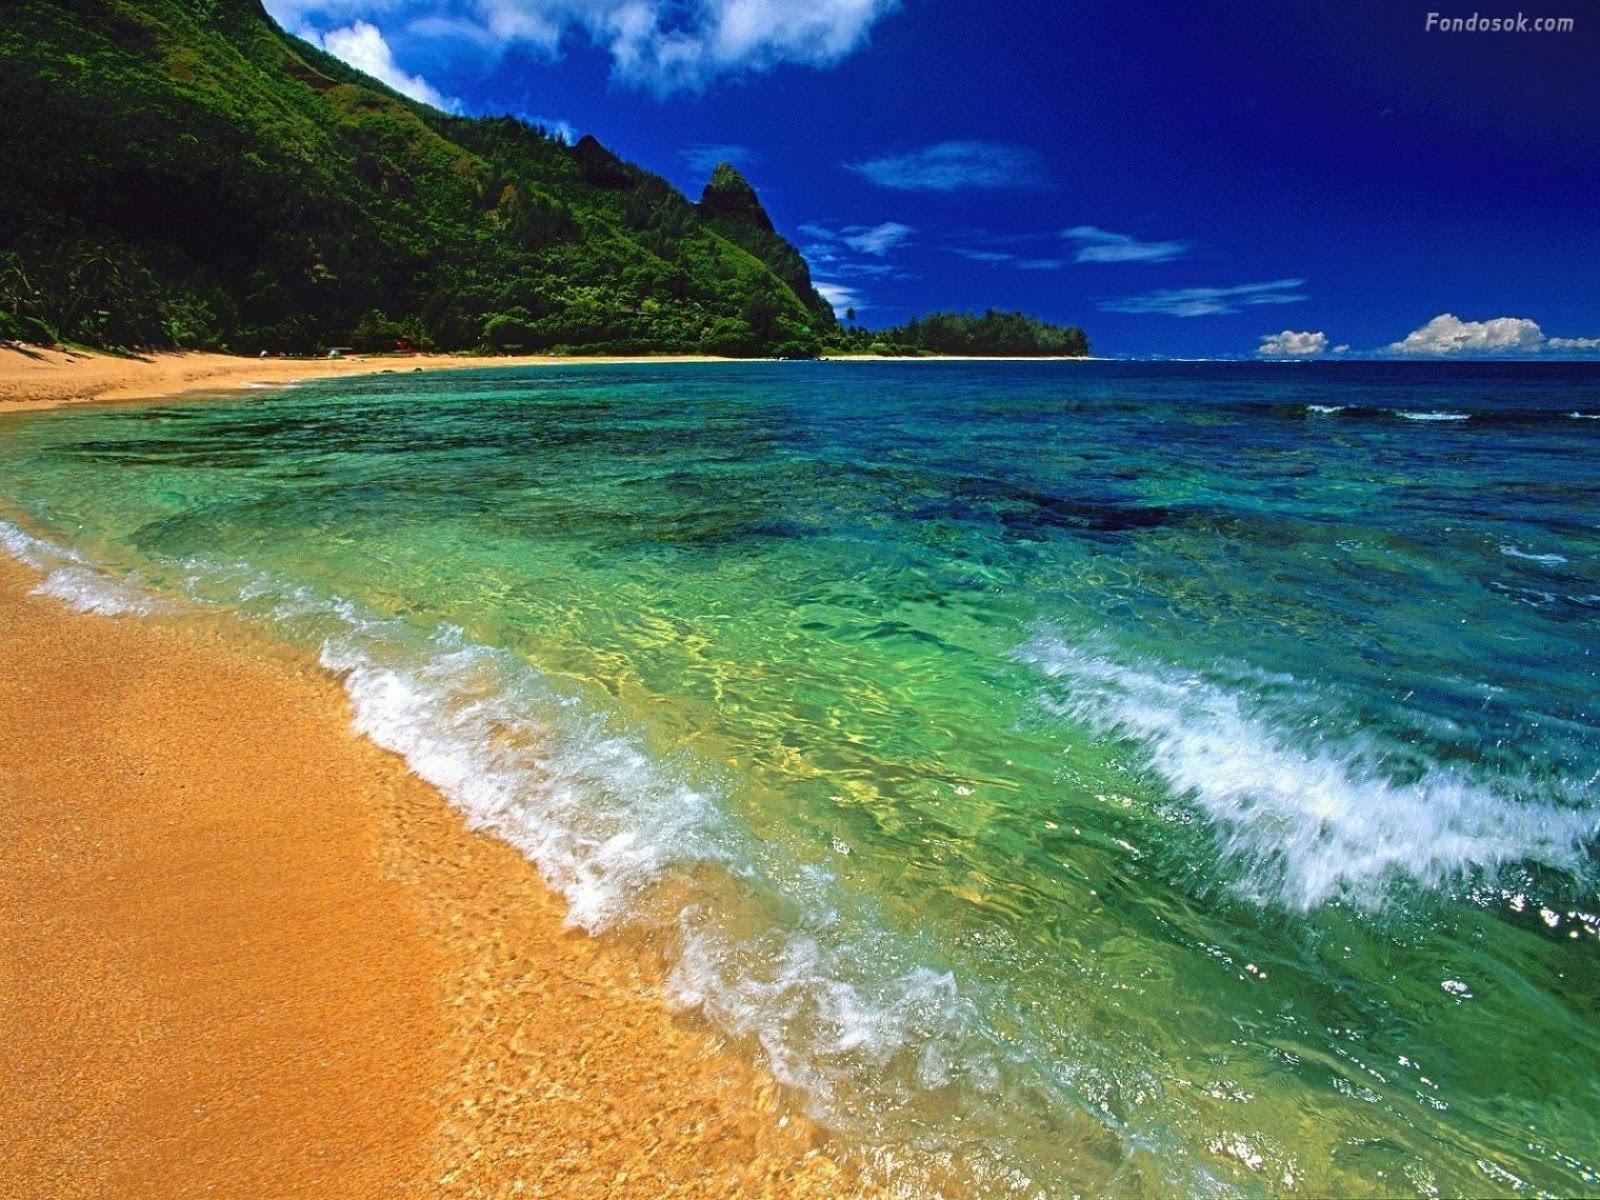 hd wallpaper: hd beach wallpapers 1080p